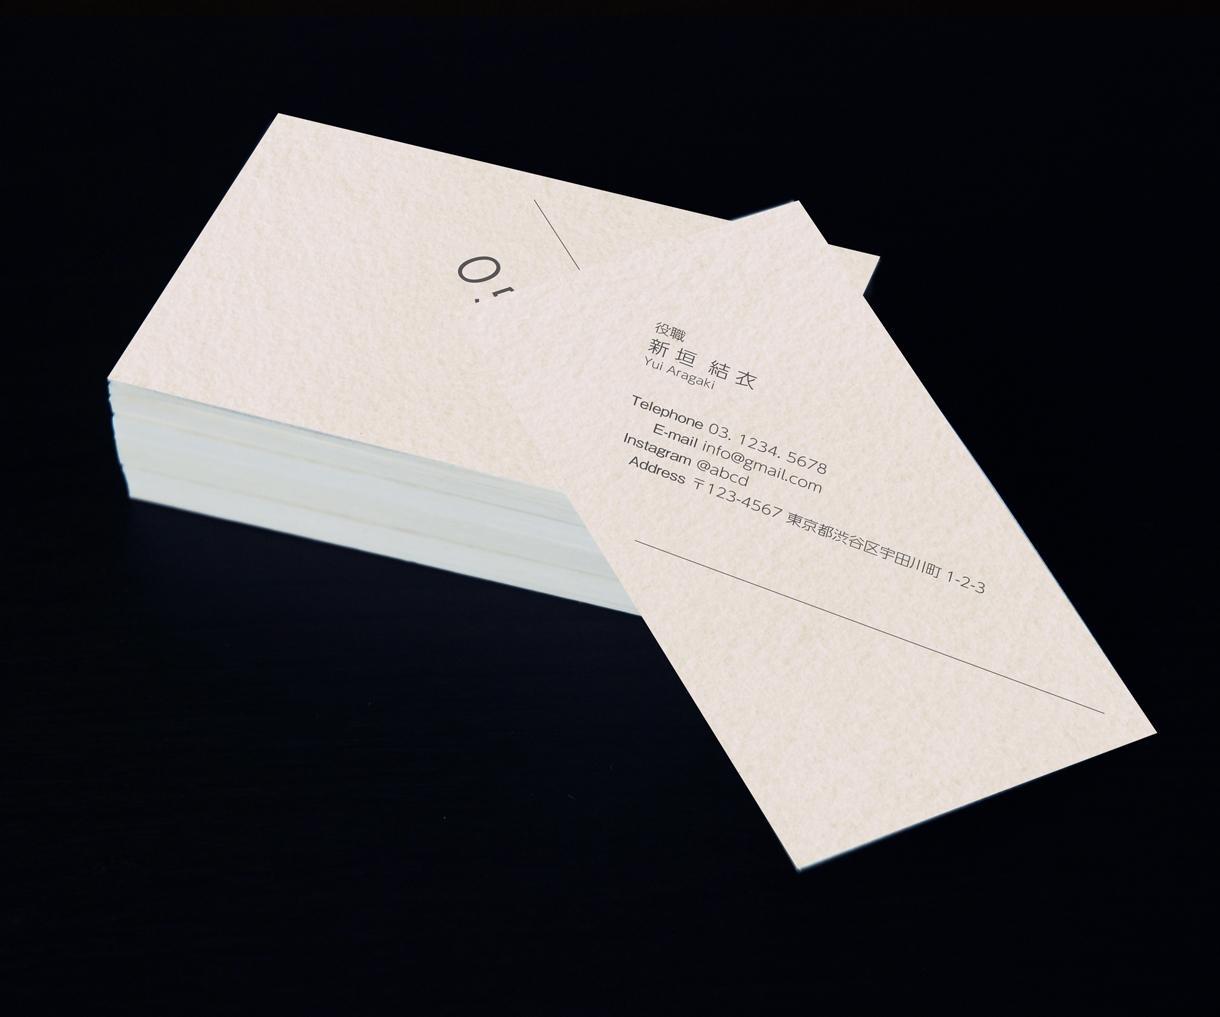 12月限定赤字価格の3000円で名刺デザインします おしゃれでかっこいいあなただけのオリジナル名刺を作成します!